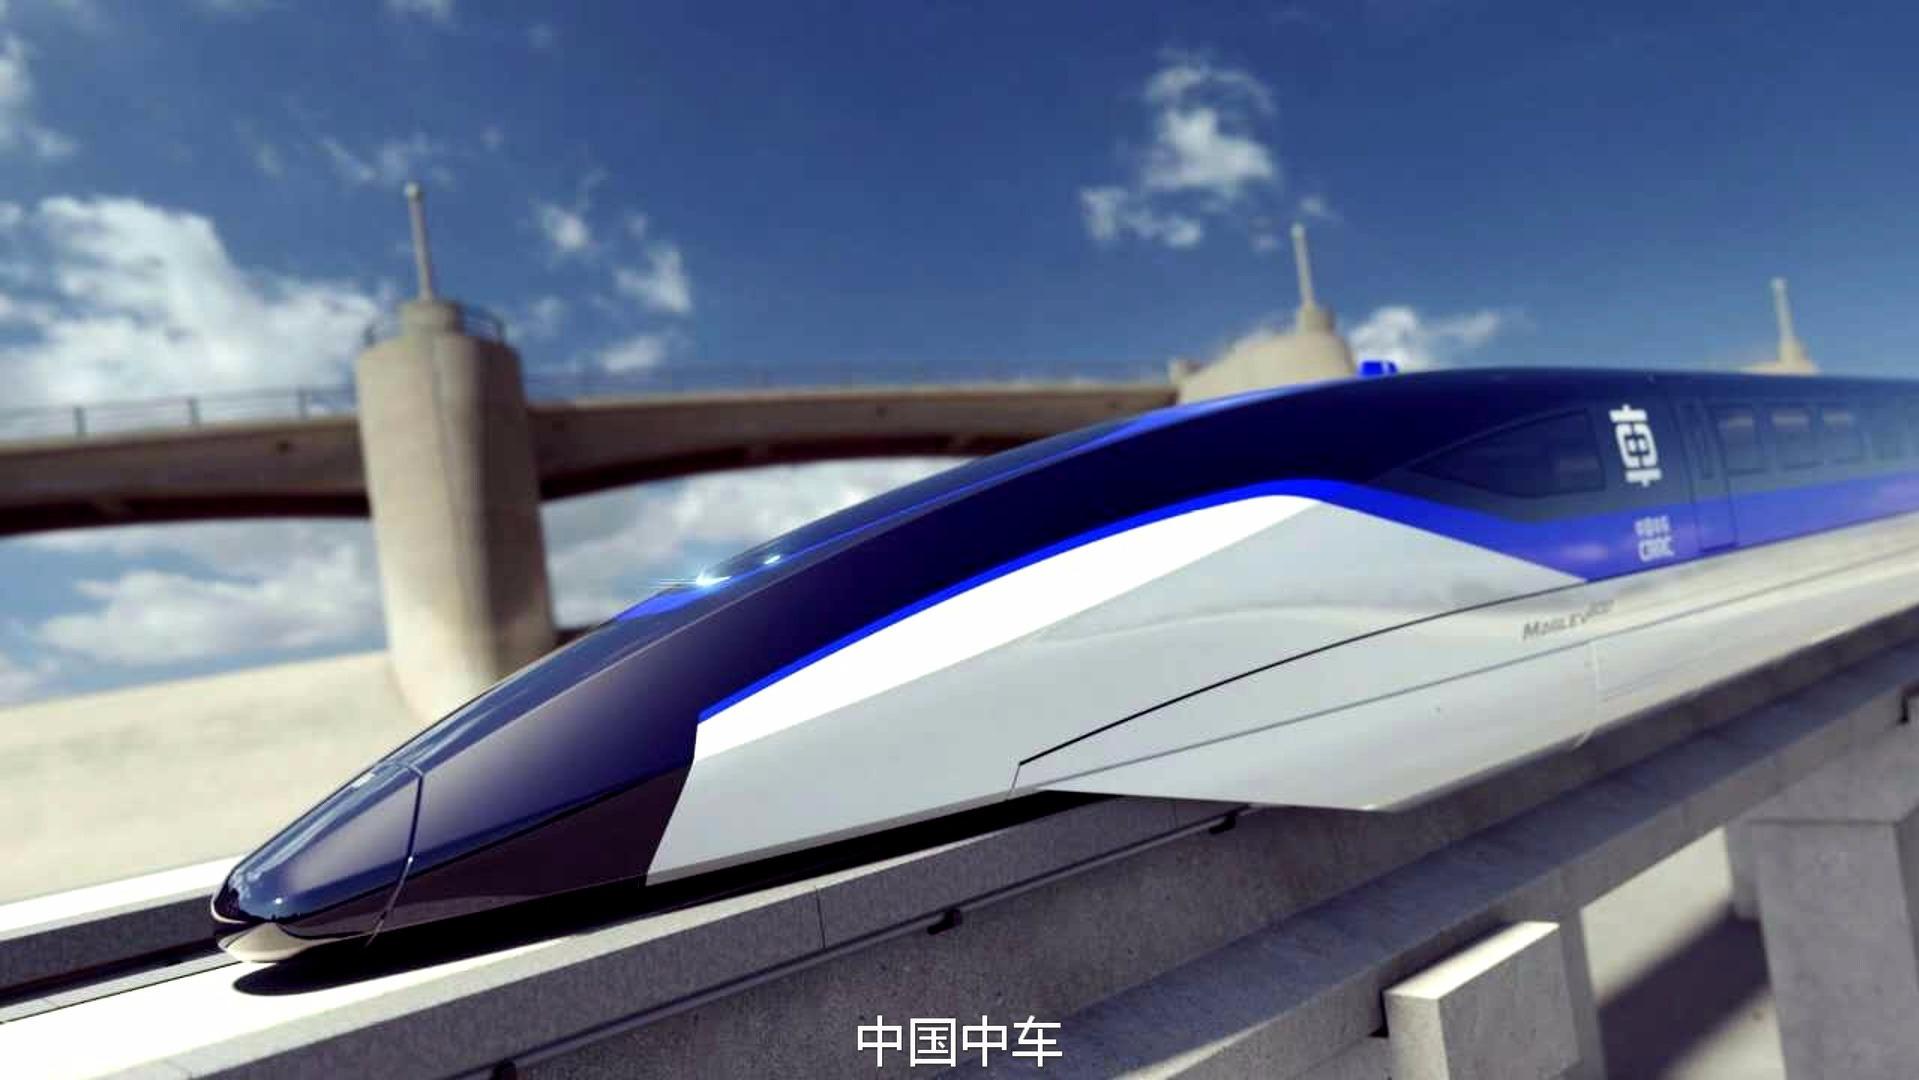 Risultato immagine per maglev train